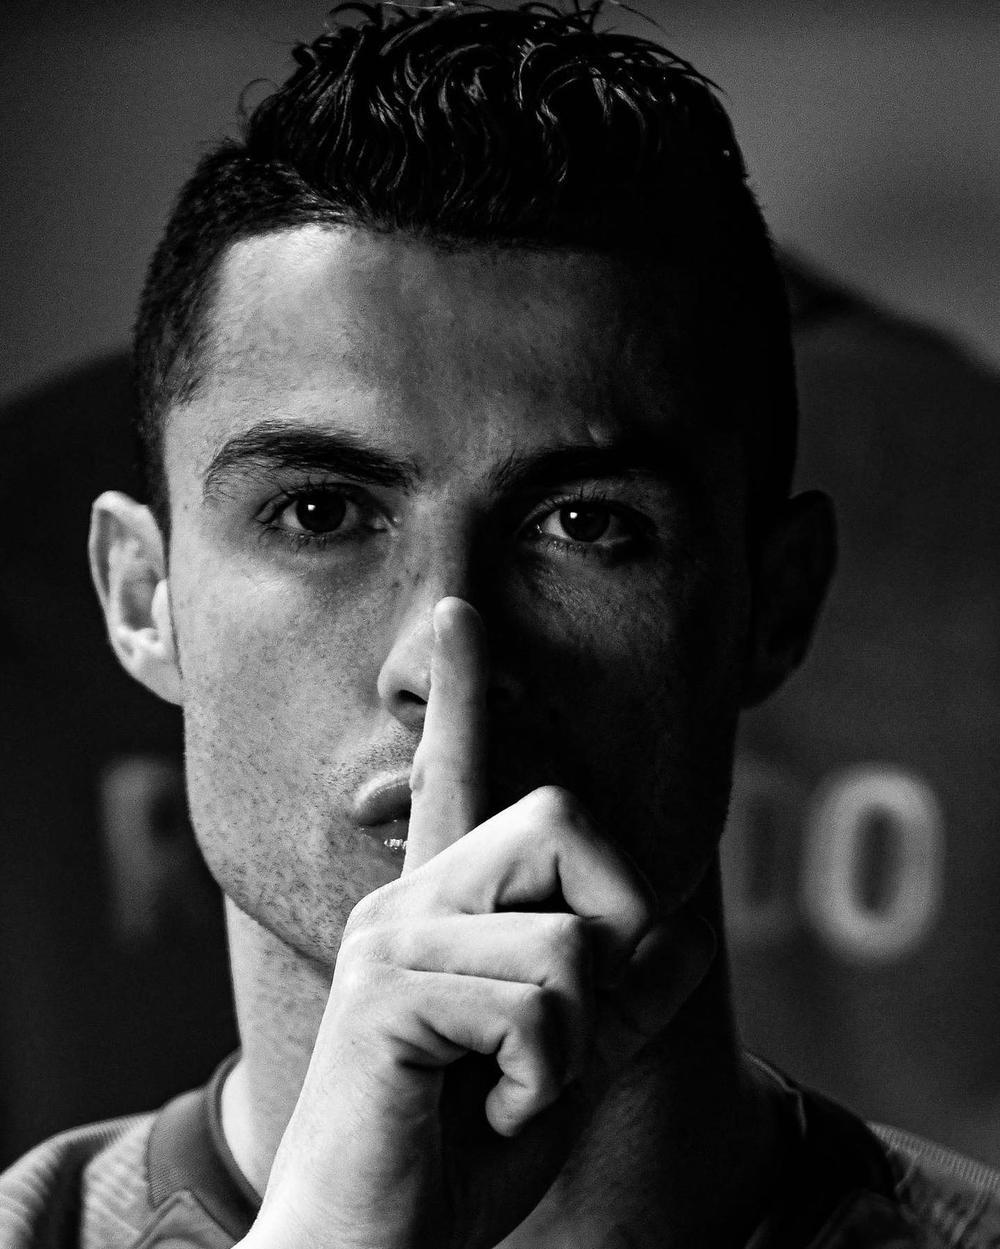 Ronaldo nổi giận, chính thức lên tiếng tố các tin đồn chuyển nhượng là nhí nhố, bỡn cợt - Ảnh 1.